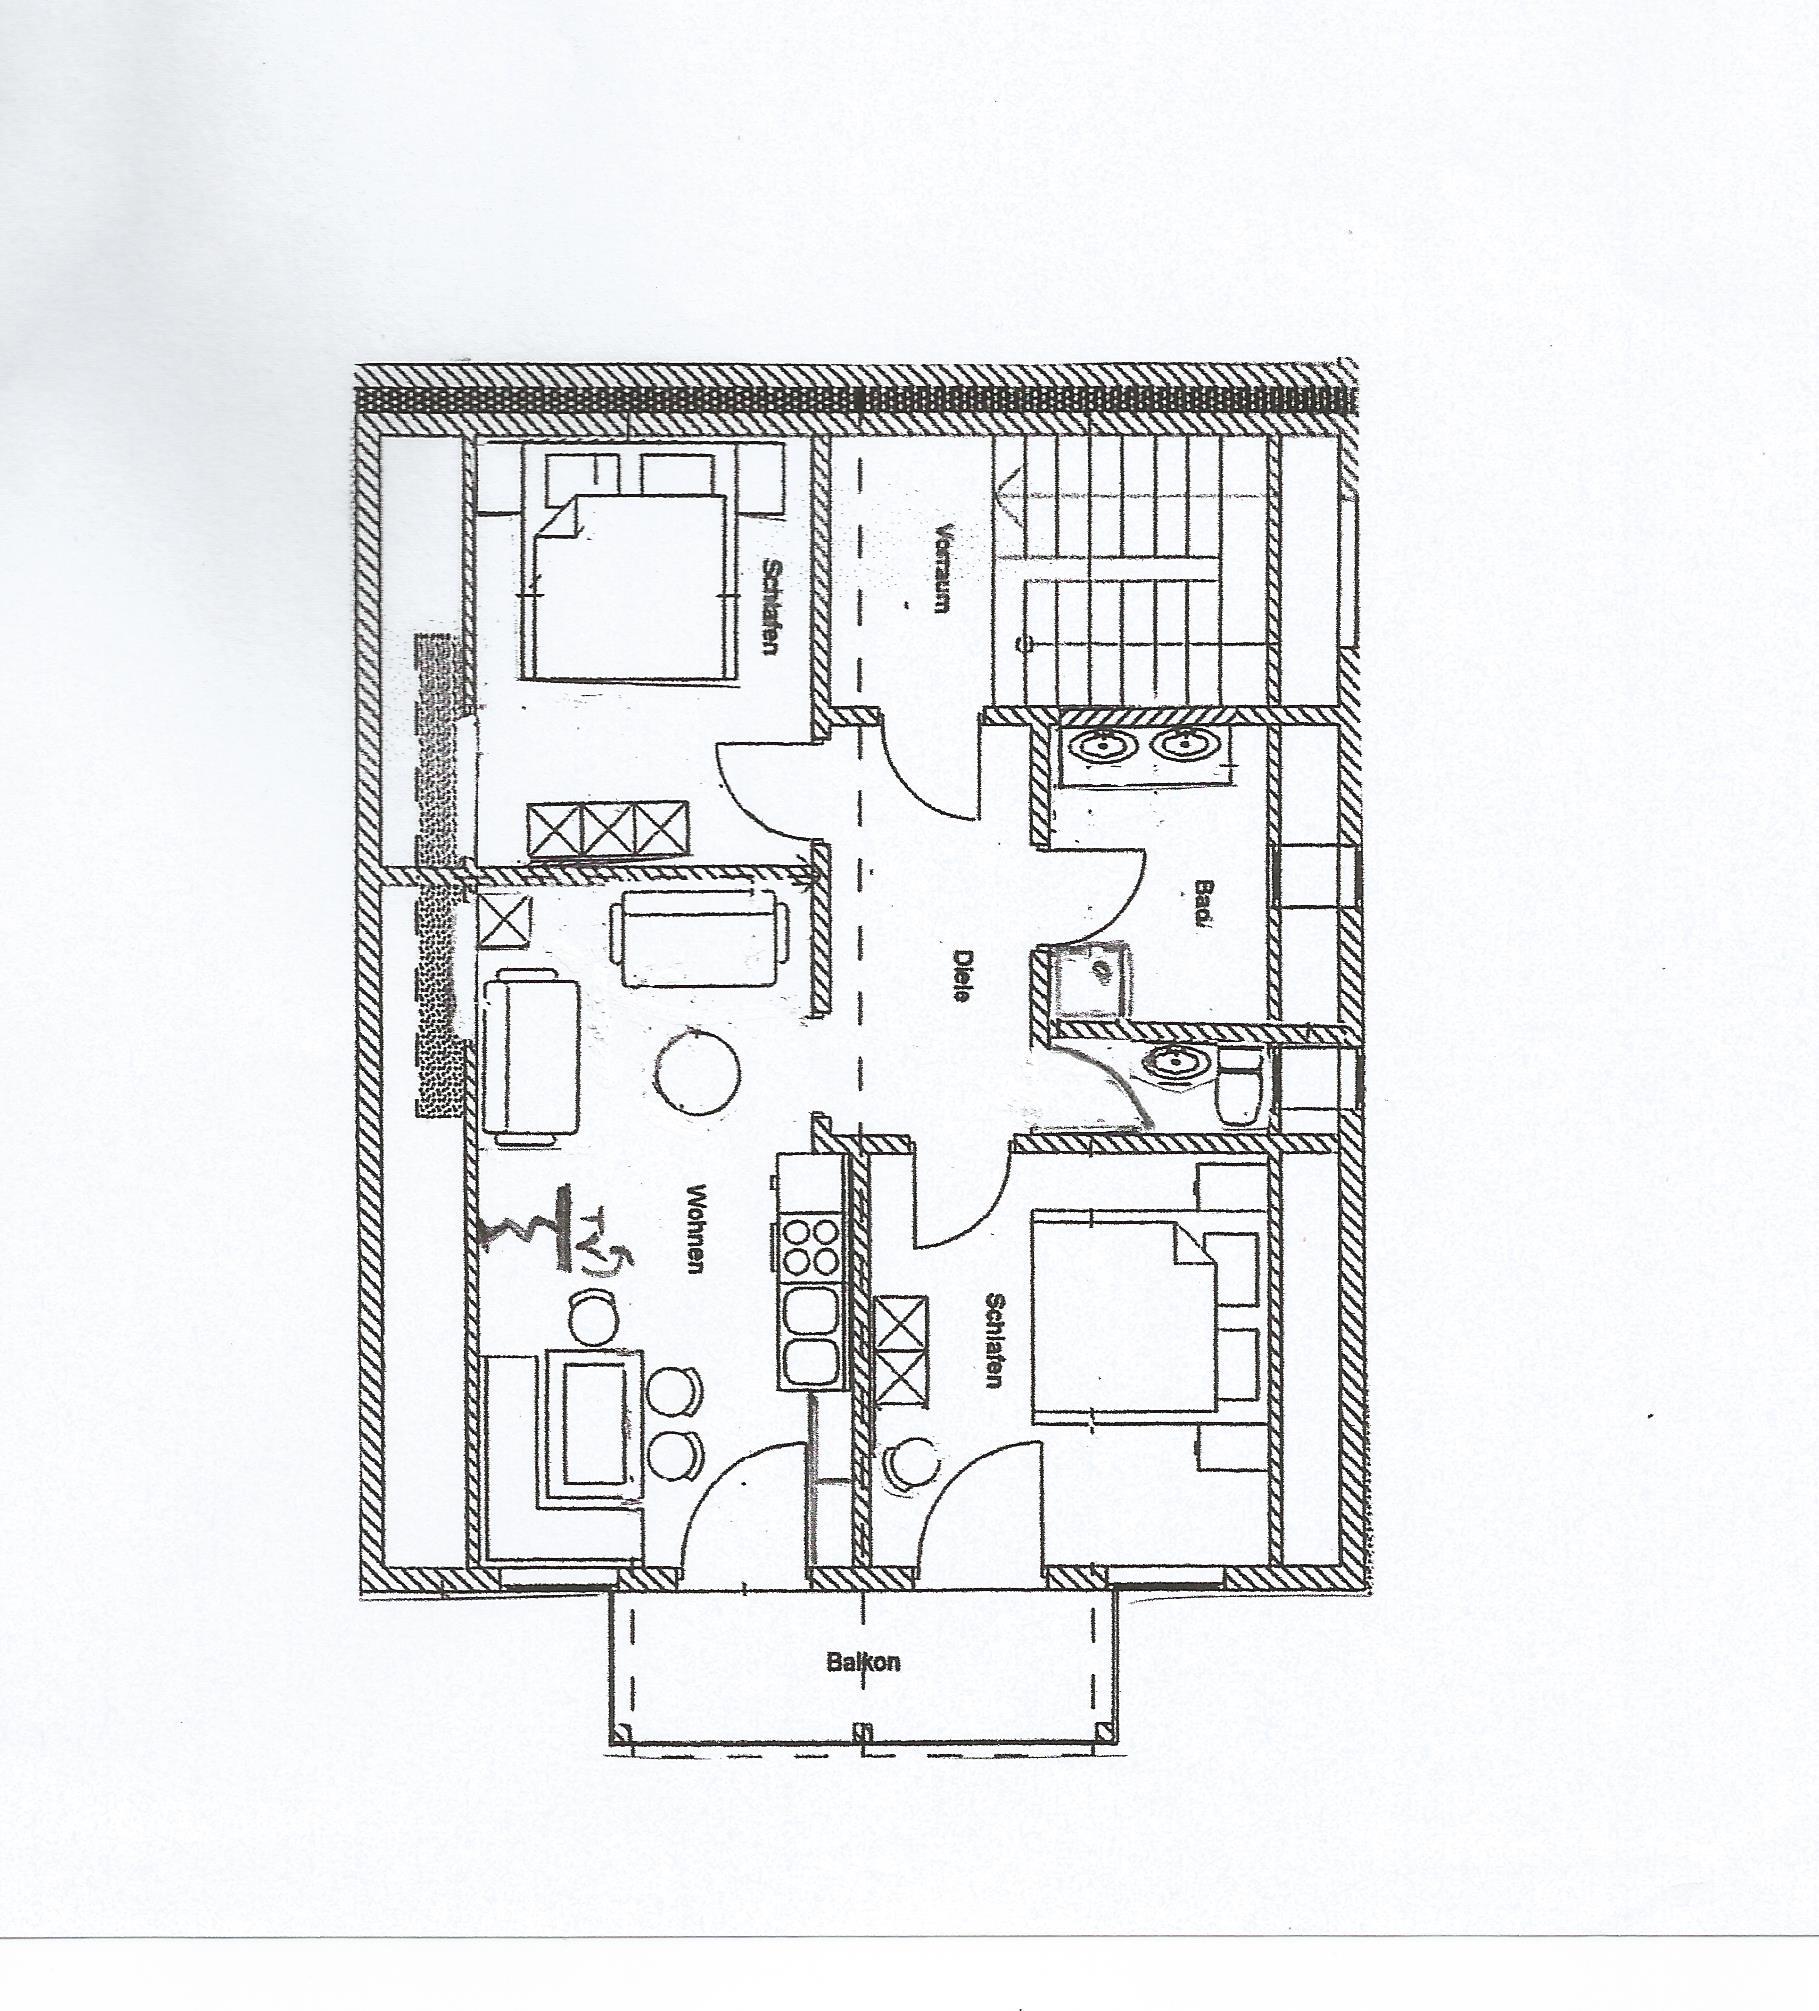 Ferienwohnung Riedbergerhorn Wohnungsskizze